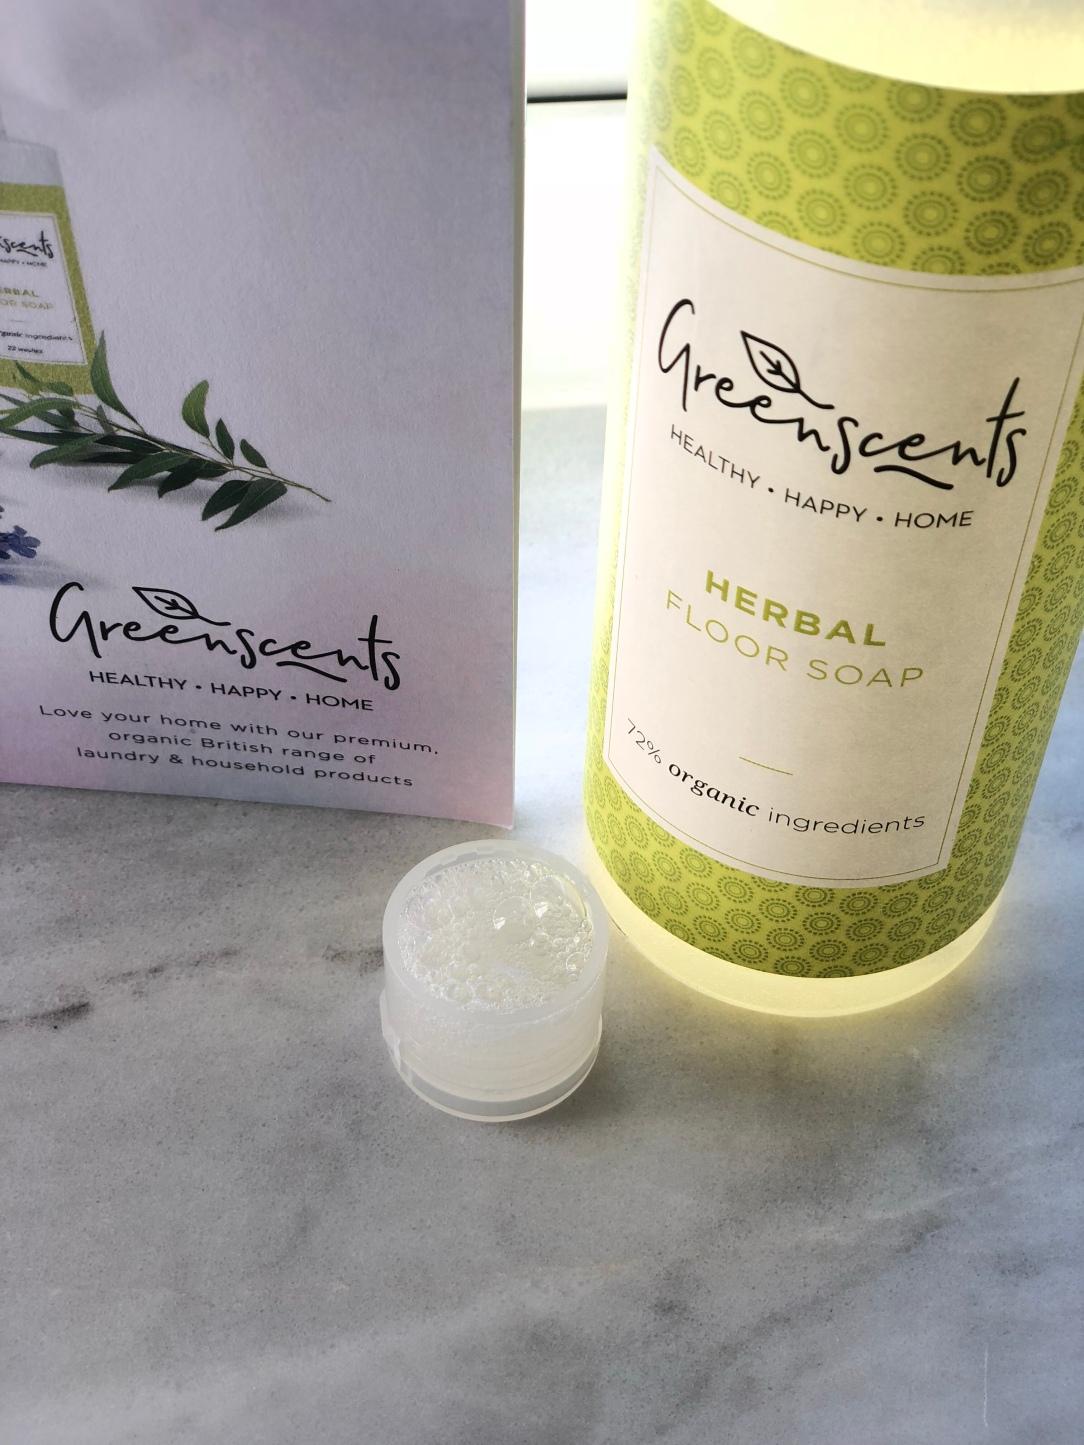 Greenscents herbal floor soap